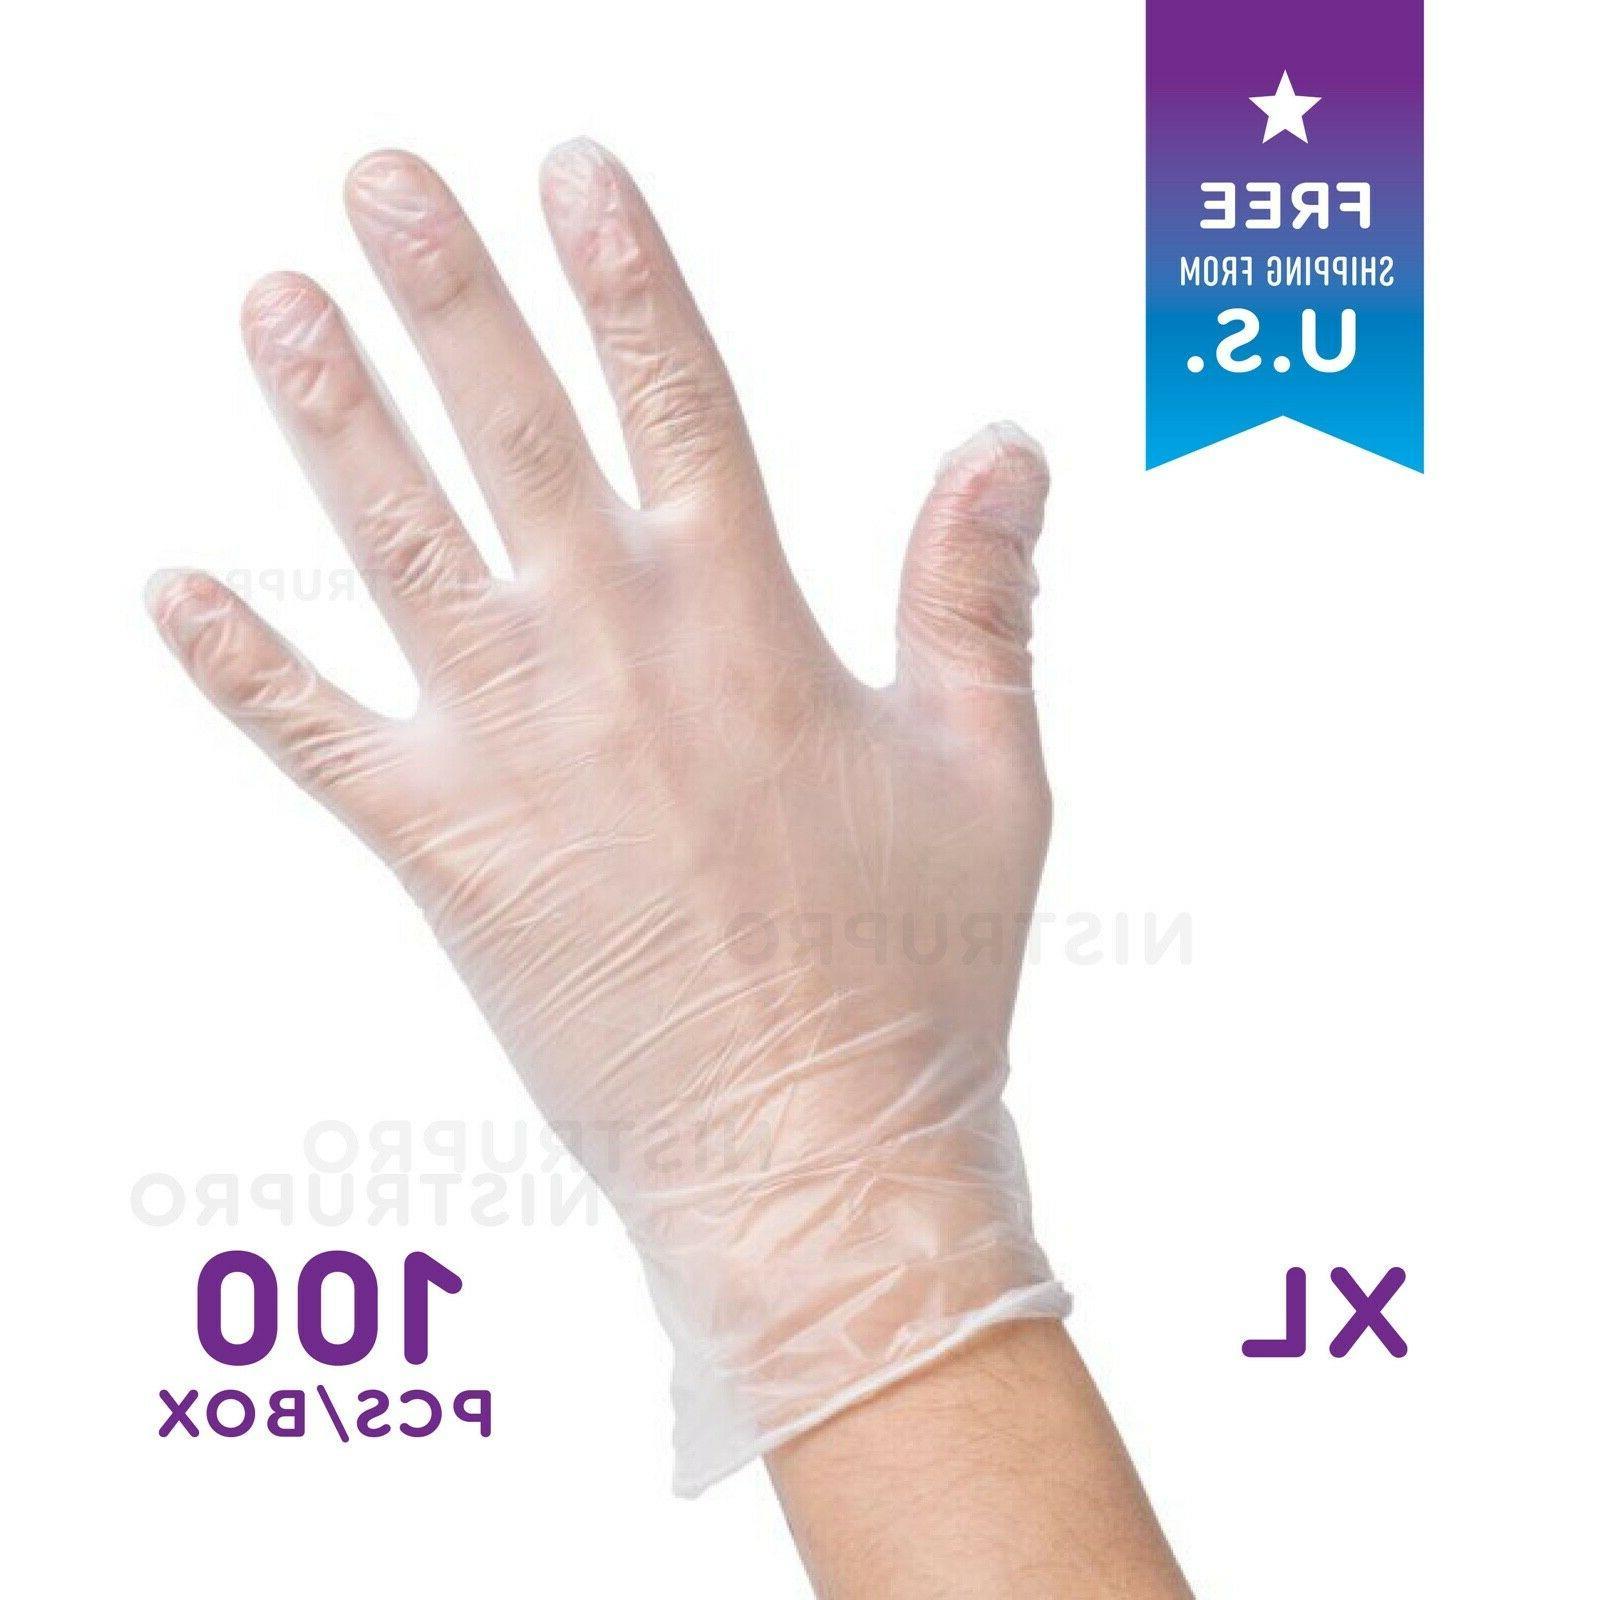 100 pcs box powder free latex free